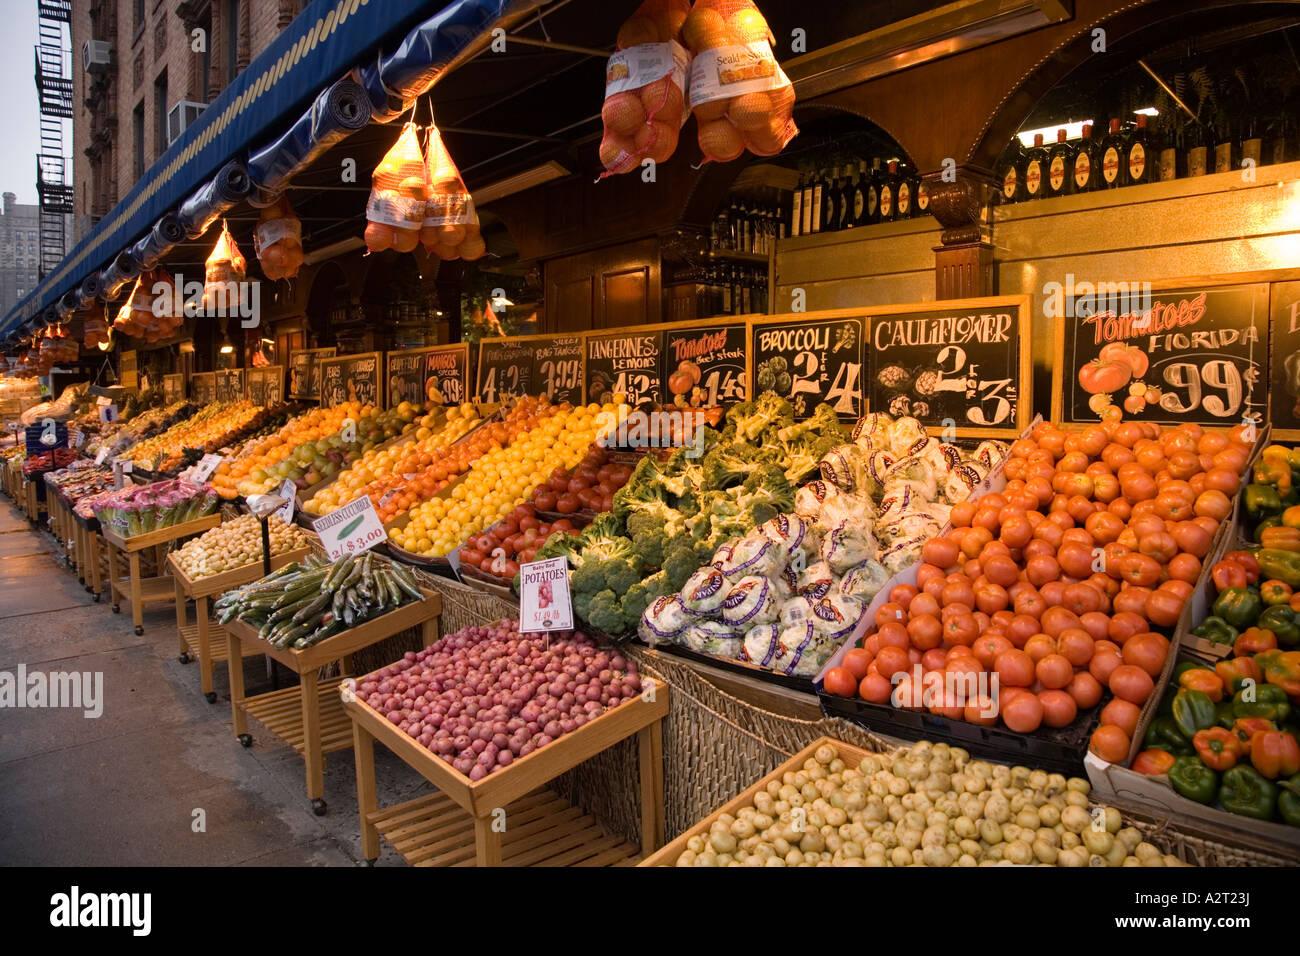 Image Result For Garden Of Eden Grocery New York